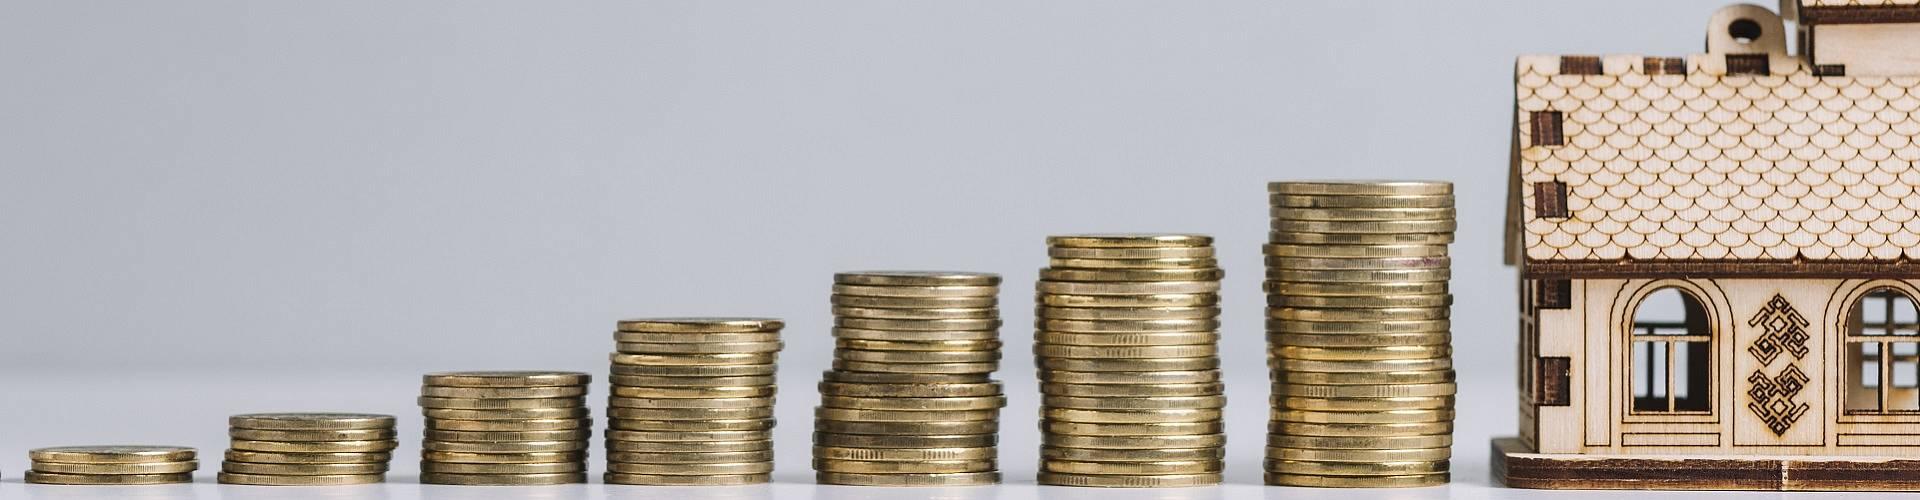 Finanziamenti per l'acquisto di immobili Freepik